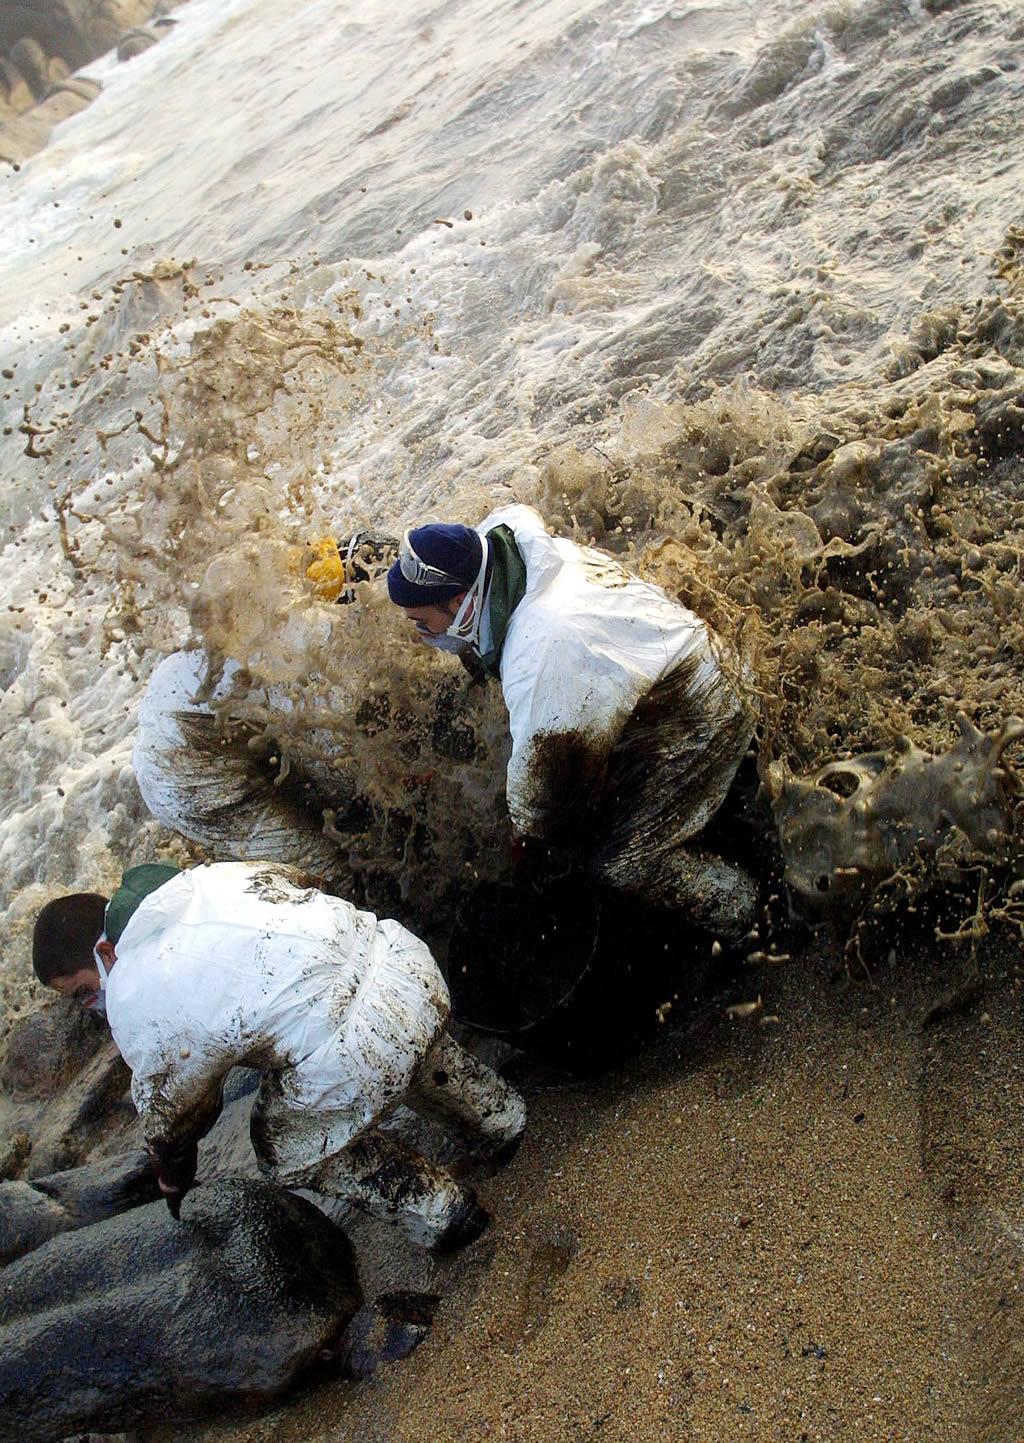 06/12/2002 <br>La lucha del voluntariado es encarnizada. Con Negro es un campo de batalla <br>Vítor Mejuto